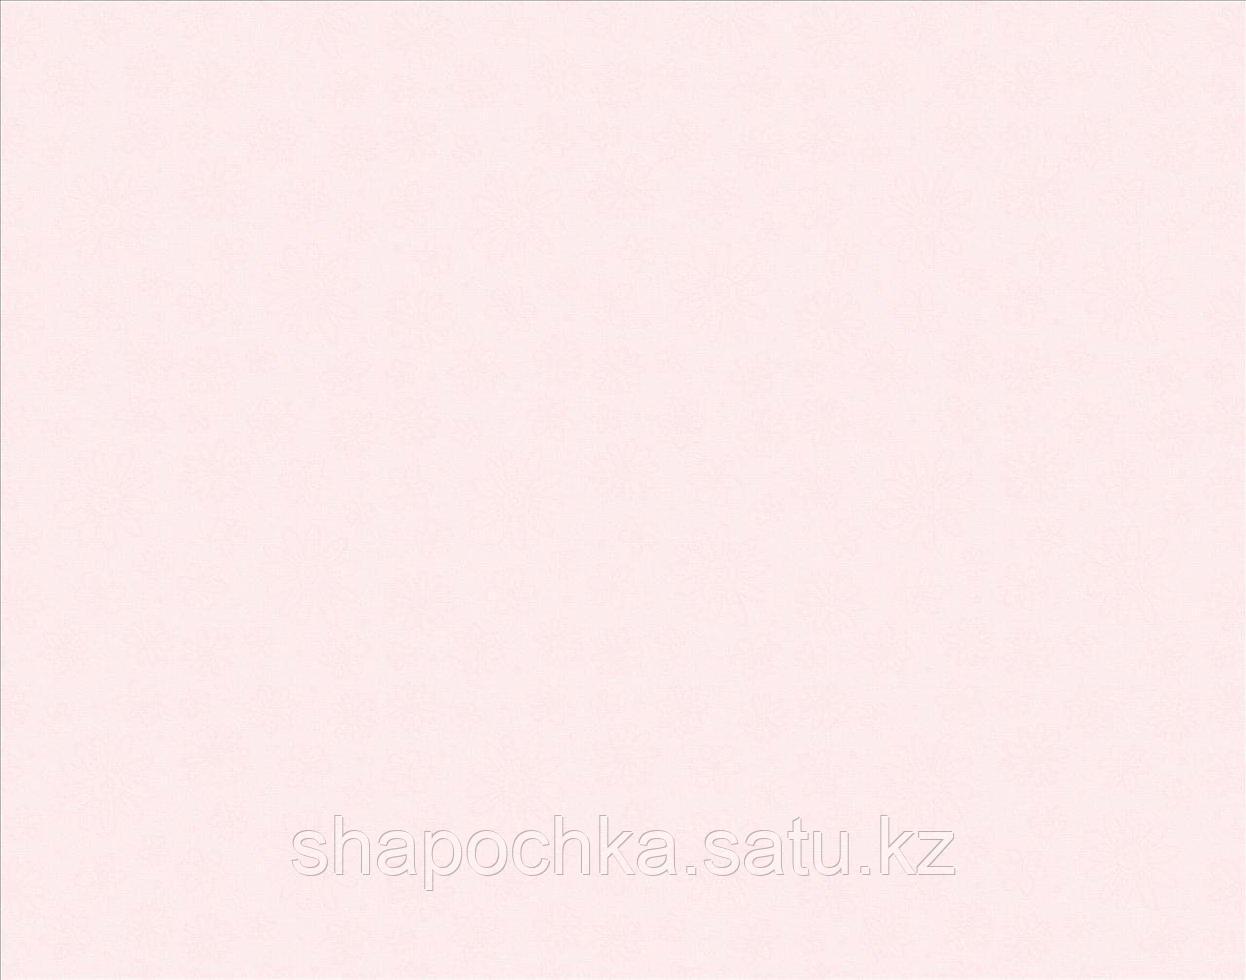 Шапка дев Tomi 3 ромашки  Бледно-розовый